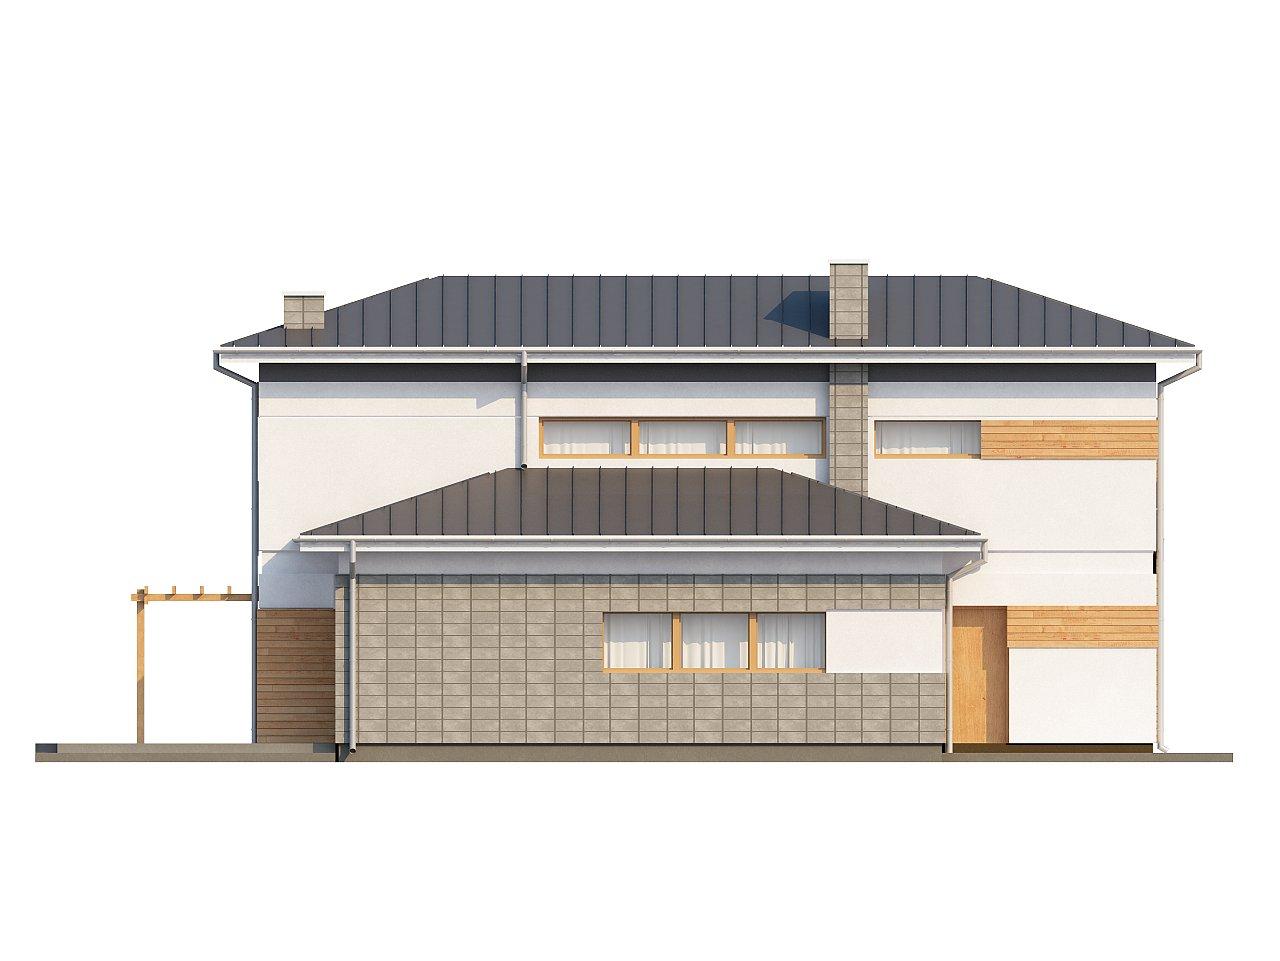 Проект удобного двухэтажного дома в стиле модерн с боковым гаражом. 6